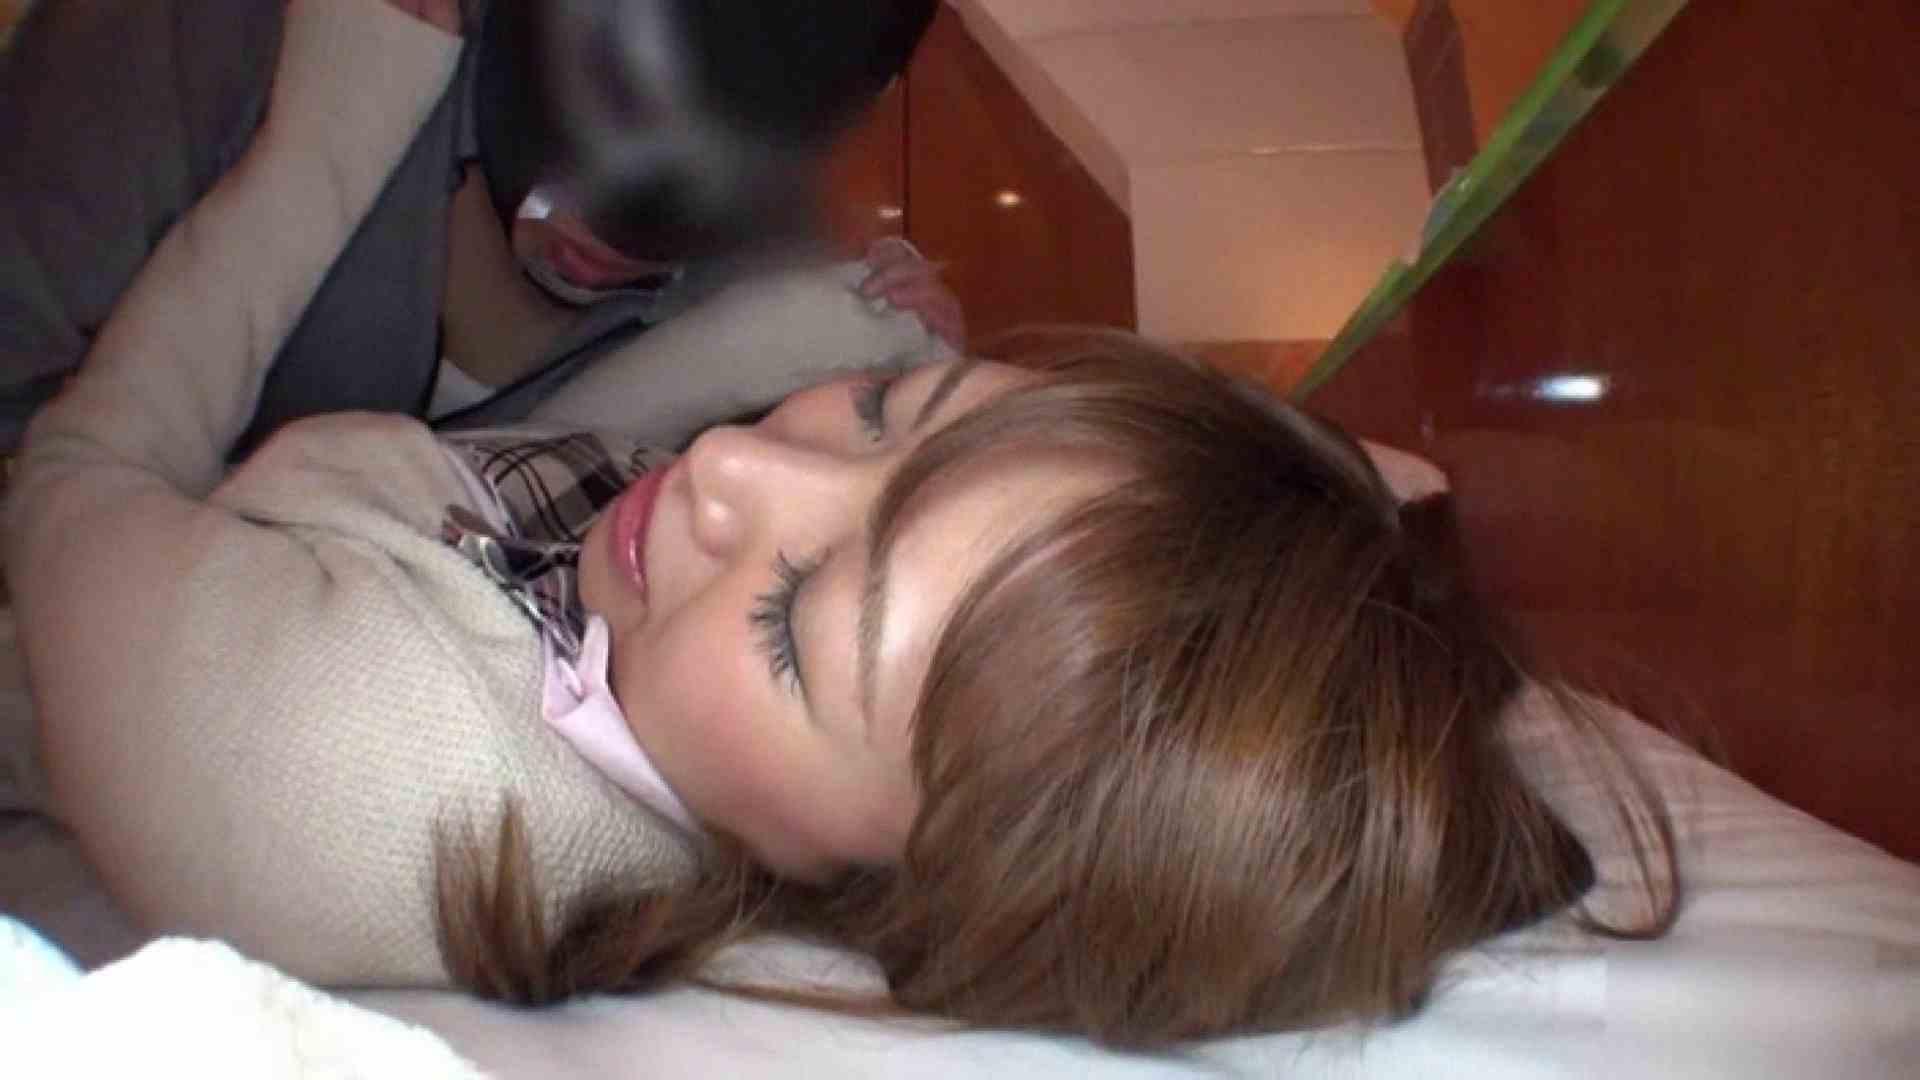 おしえてギャル子のH塾 Vol.05 前編 フェチ すけべAV動画紹介 103枚 31